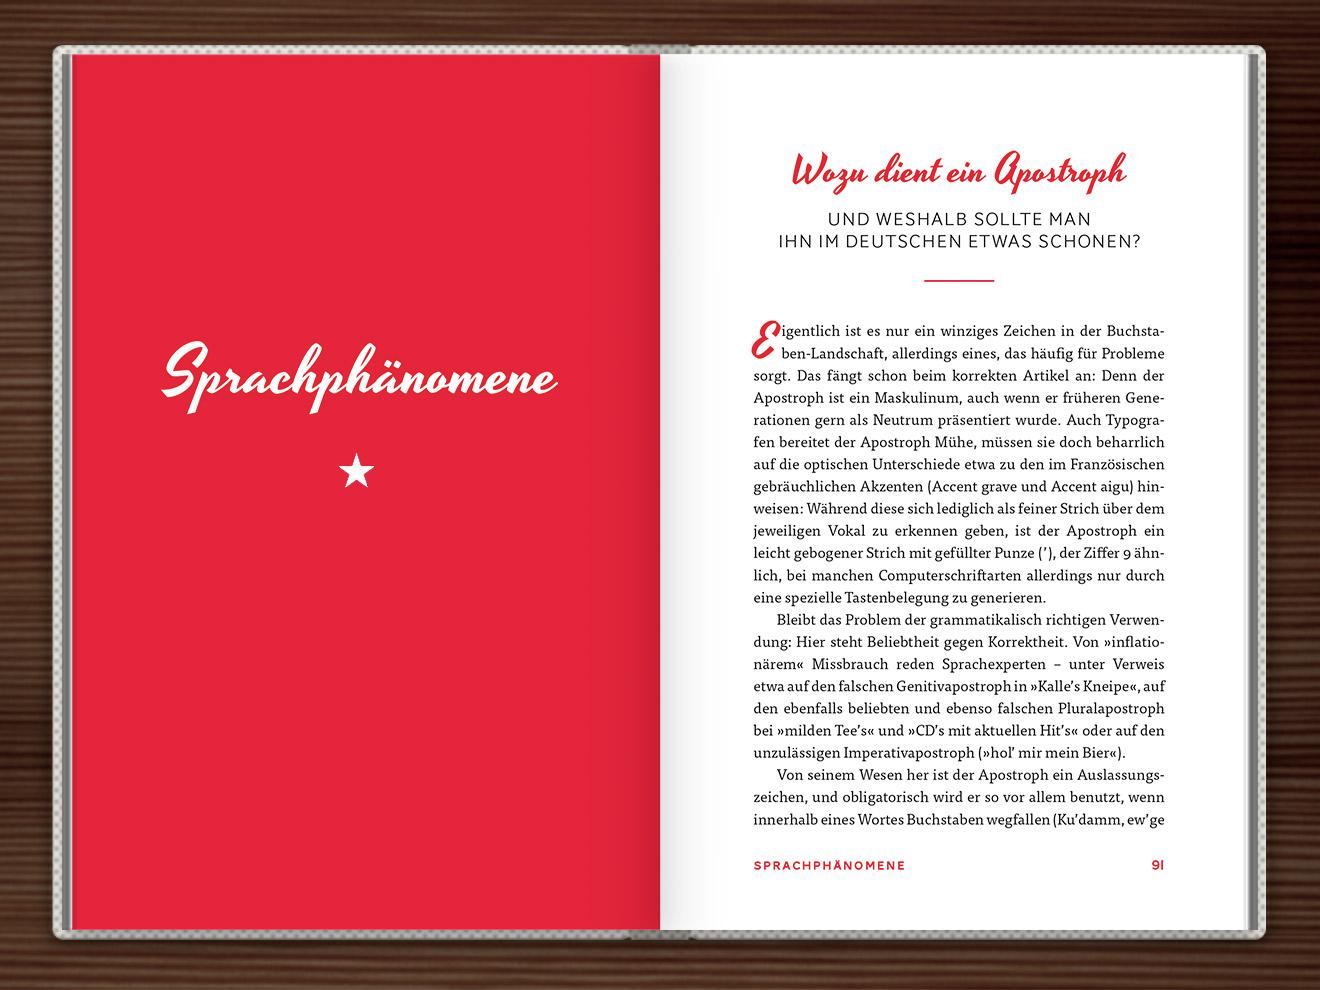 Sprachphänomene im Buch Du hast das Wort, Schätzchen! 100 charmante Geschichten rund um die Sprache im Duden Verlag von Rita Mielke mit Illustrationen im Sixties-Stil von Iris Luckhaus